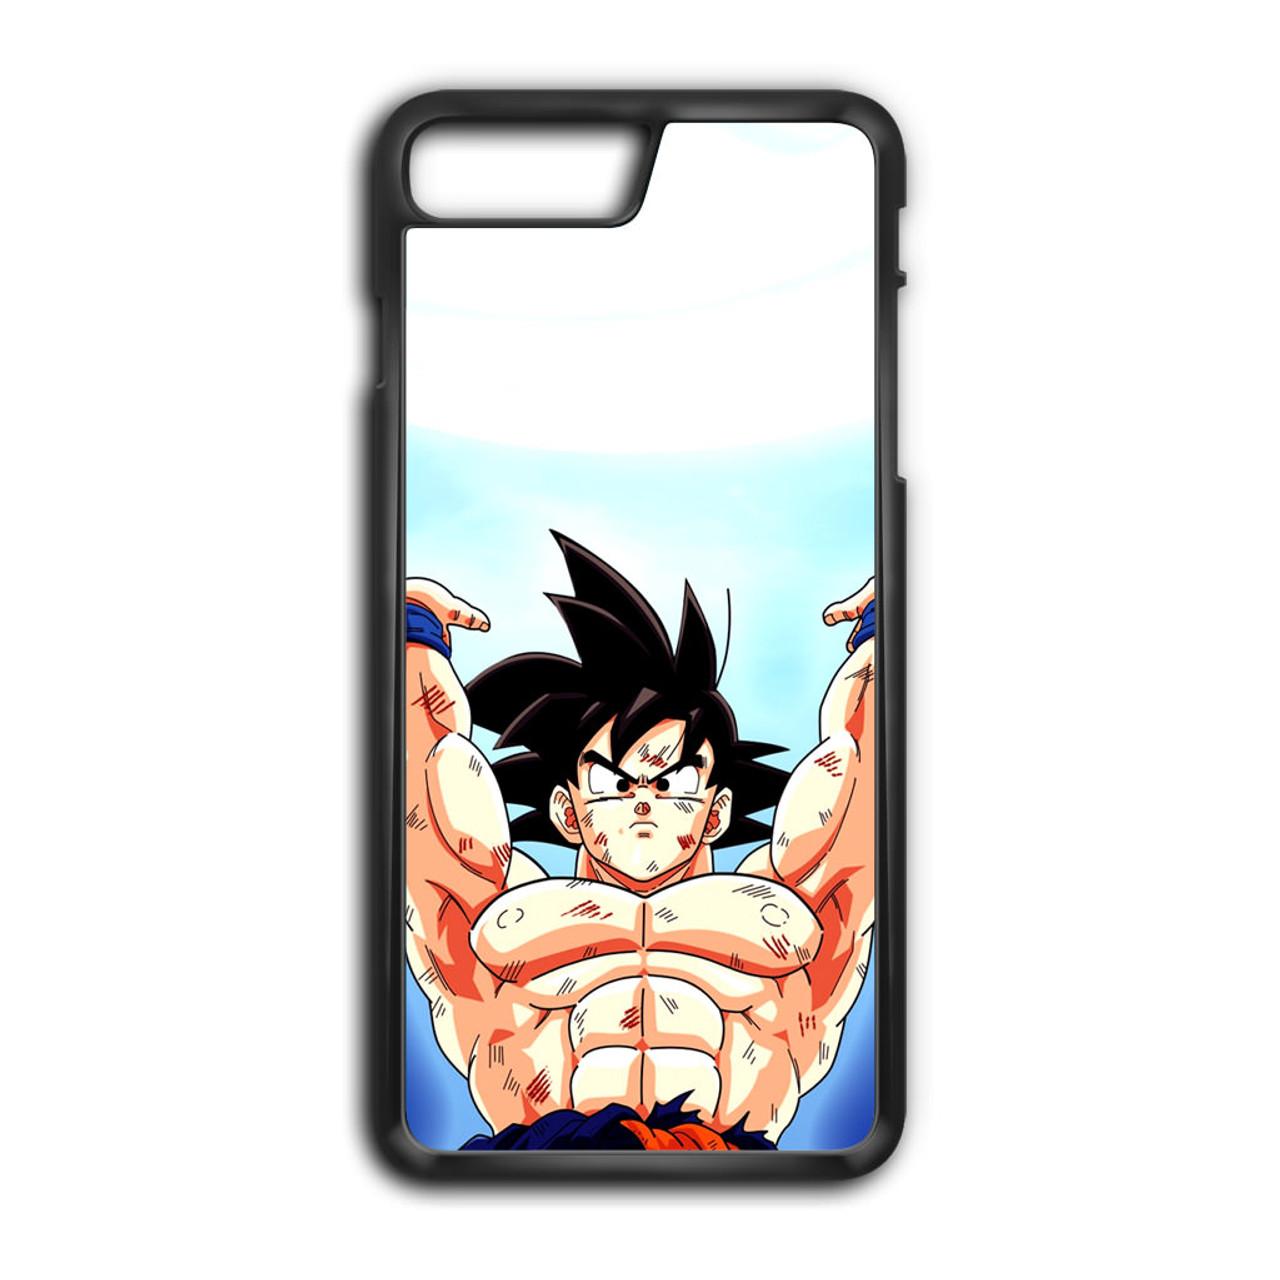 iphone 8 plus case dbz